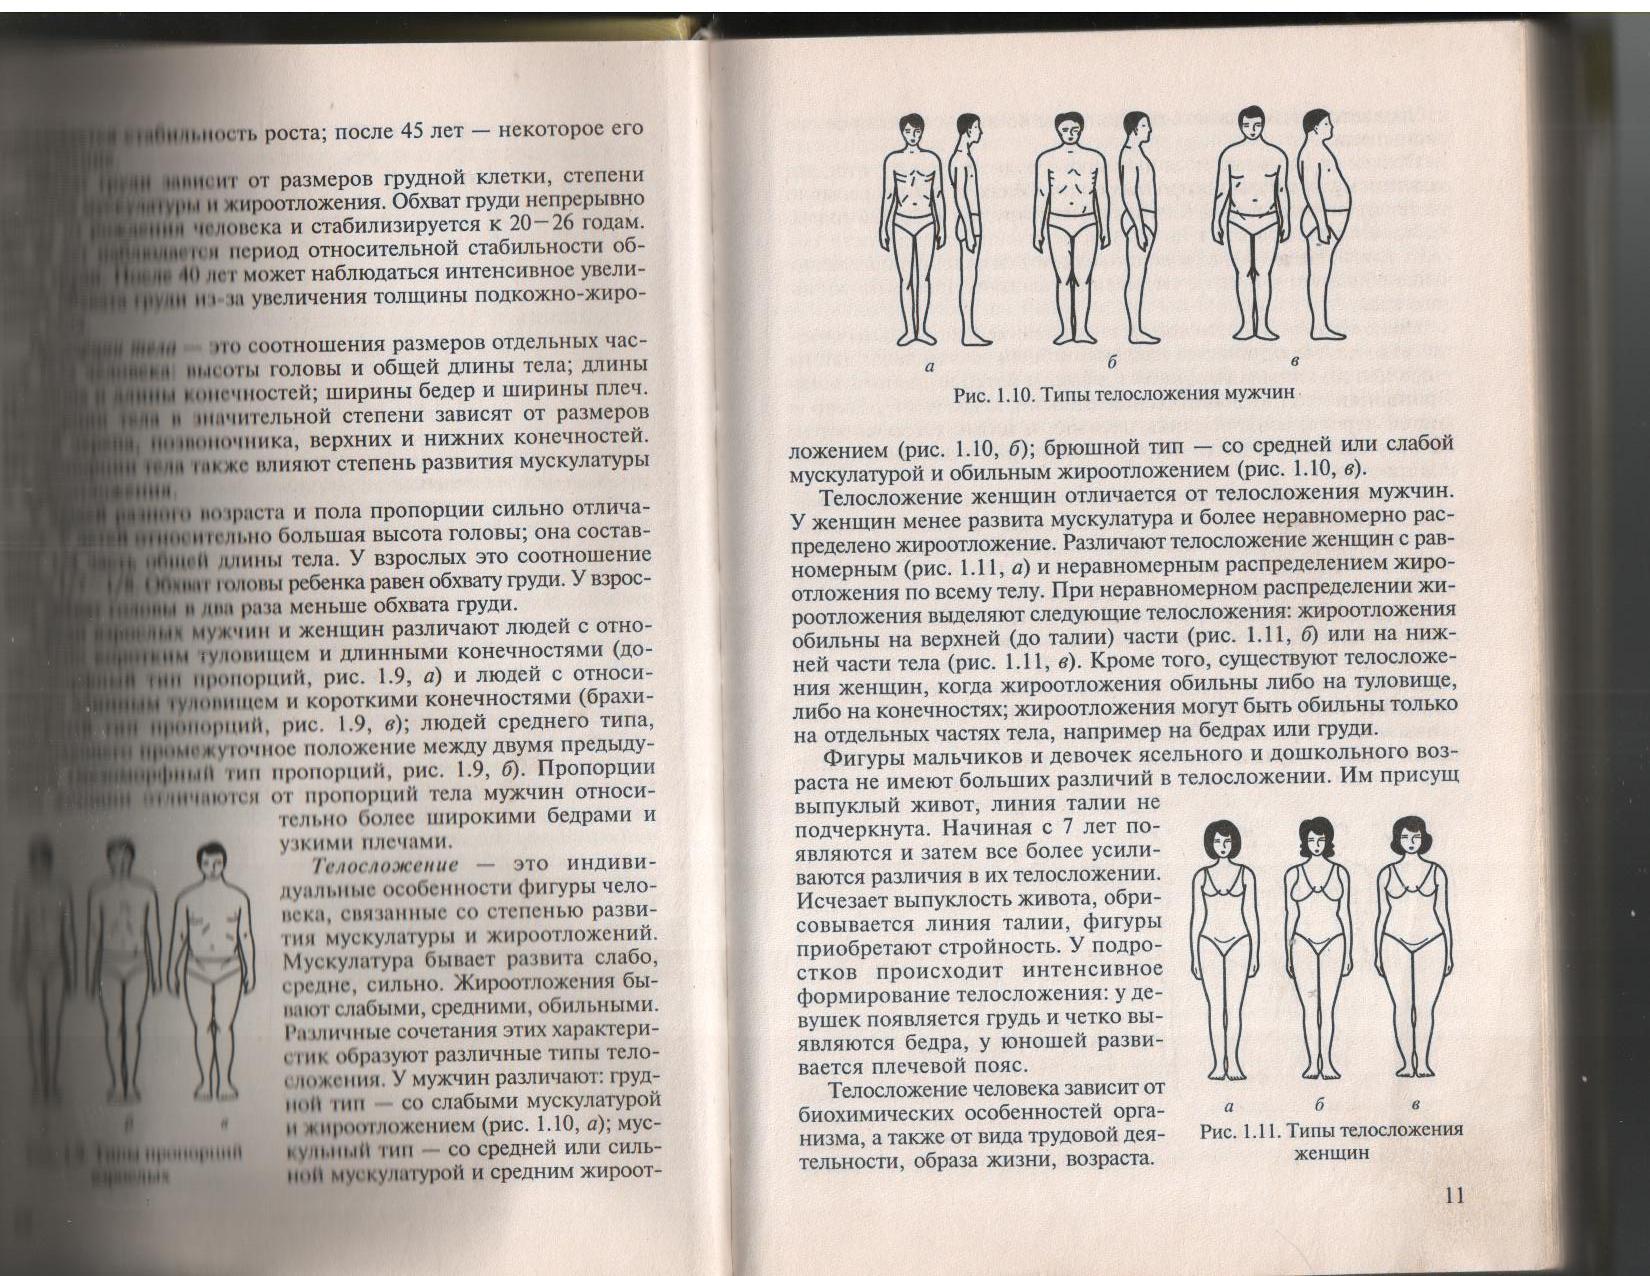 D:\Documents and Settings\Мастер\Мои документы\Мои рисунки\Изображение\Изображение 004.jpg